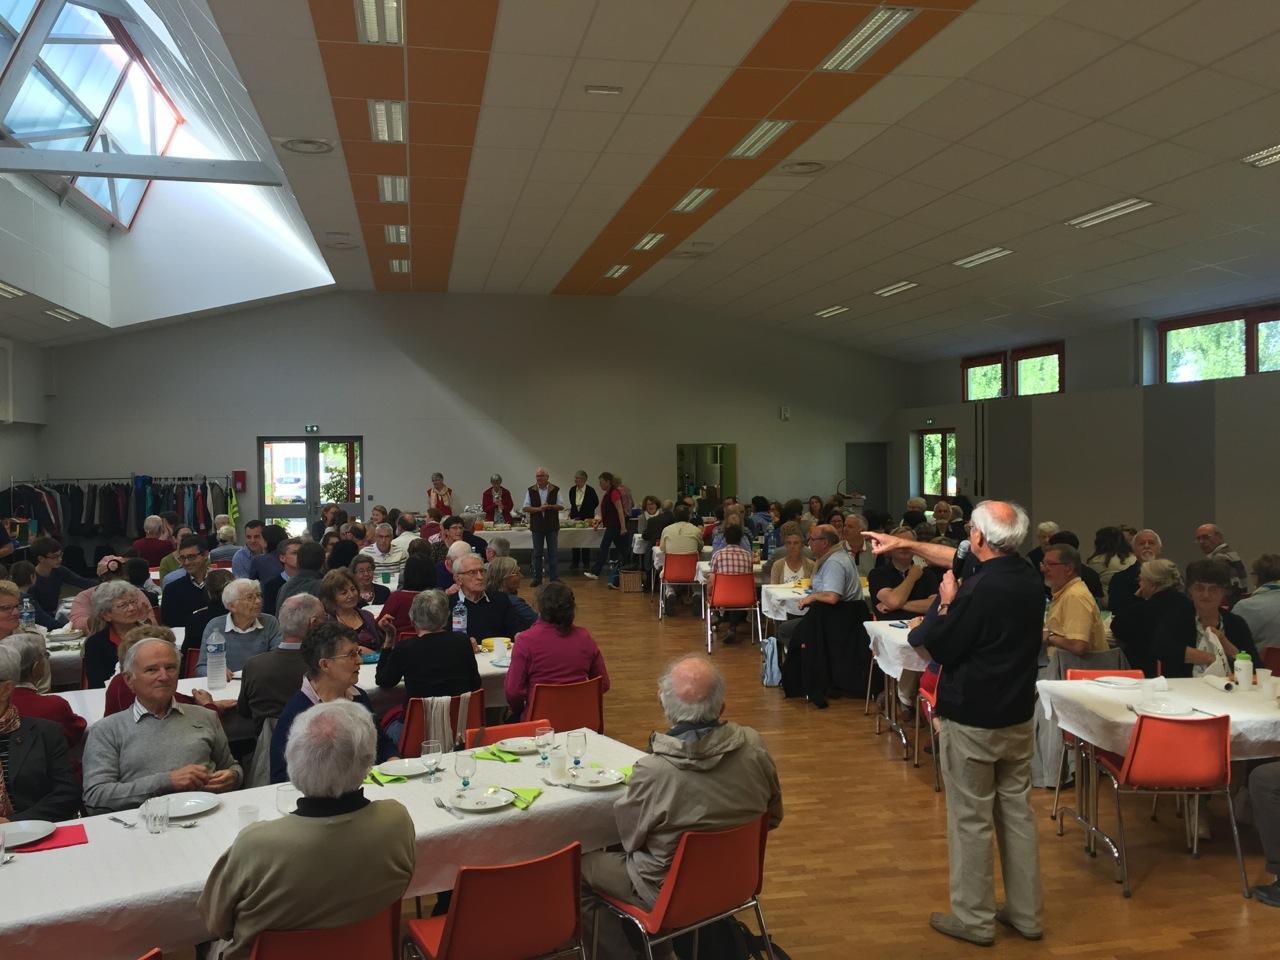 Déjeuner dans la salle Mazeline de Damigny, prêtée aimablement par la commune pour l'association paroissiale ; Claude Chesneau donne des indications...